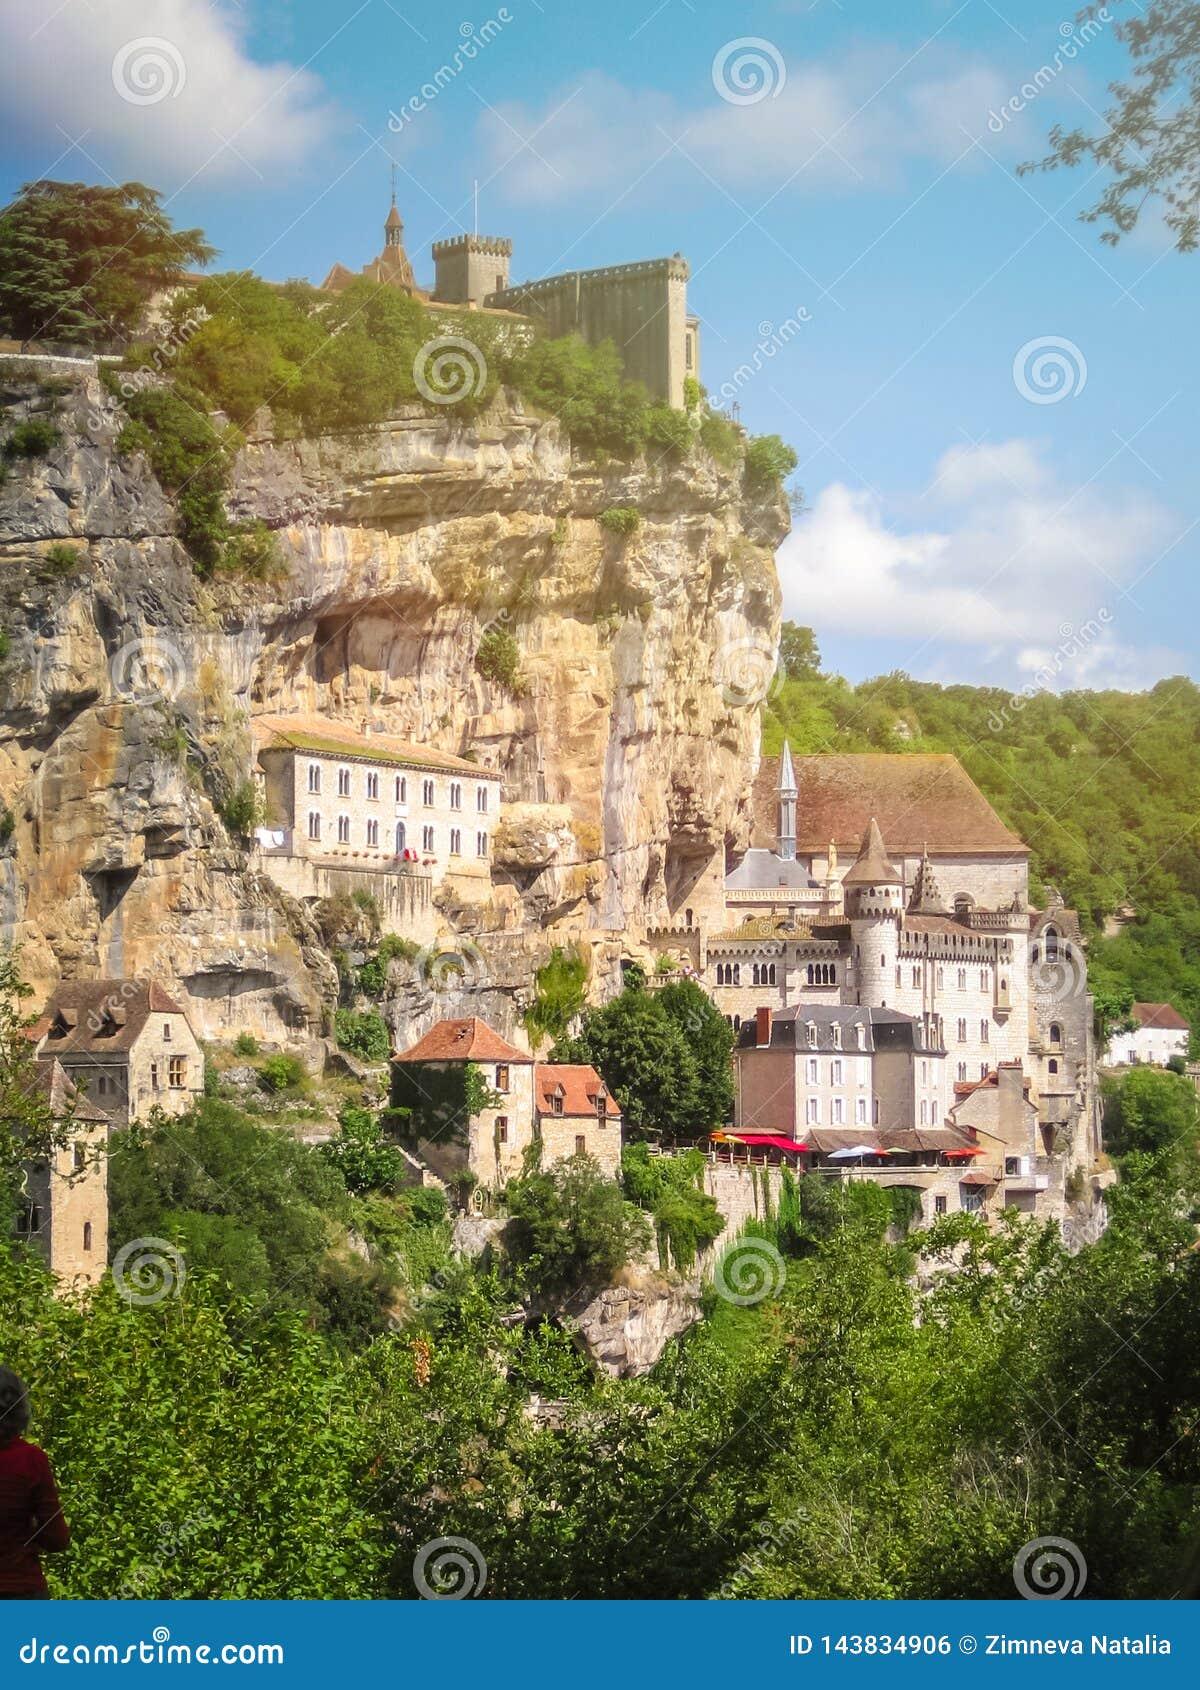 Χωριό Rocamadour που σκαρφαλώνει σε έναν απότομο βράχο, Γαλλία